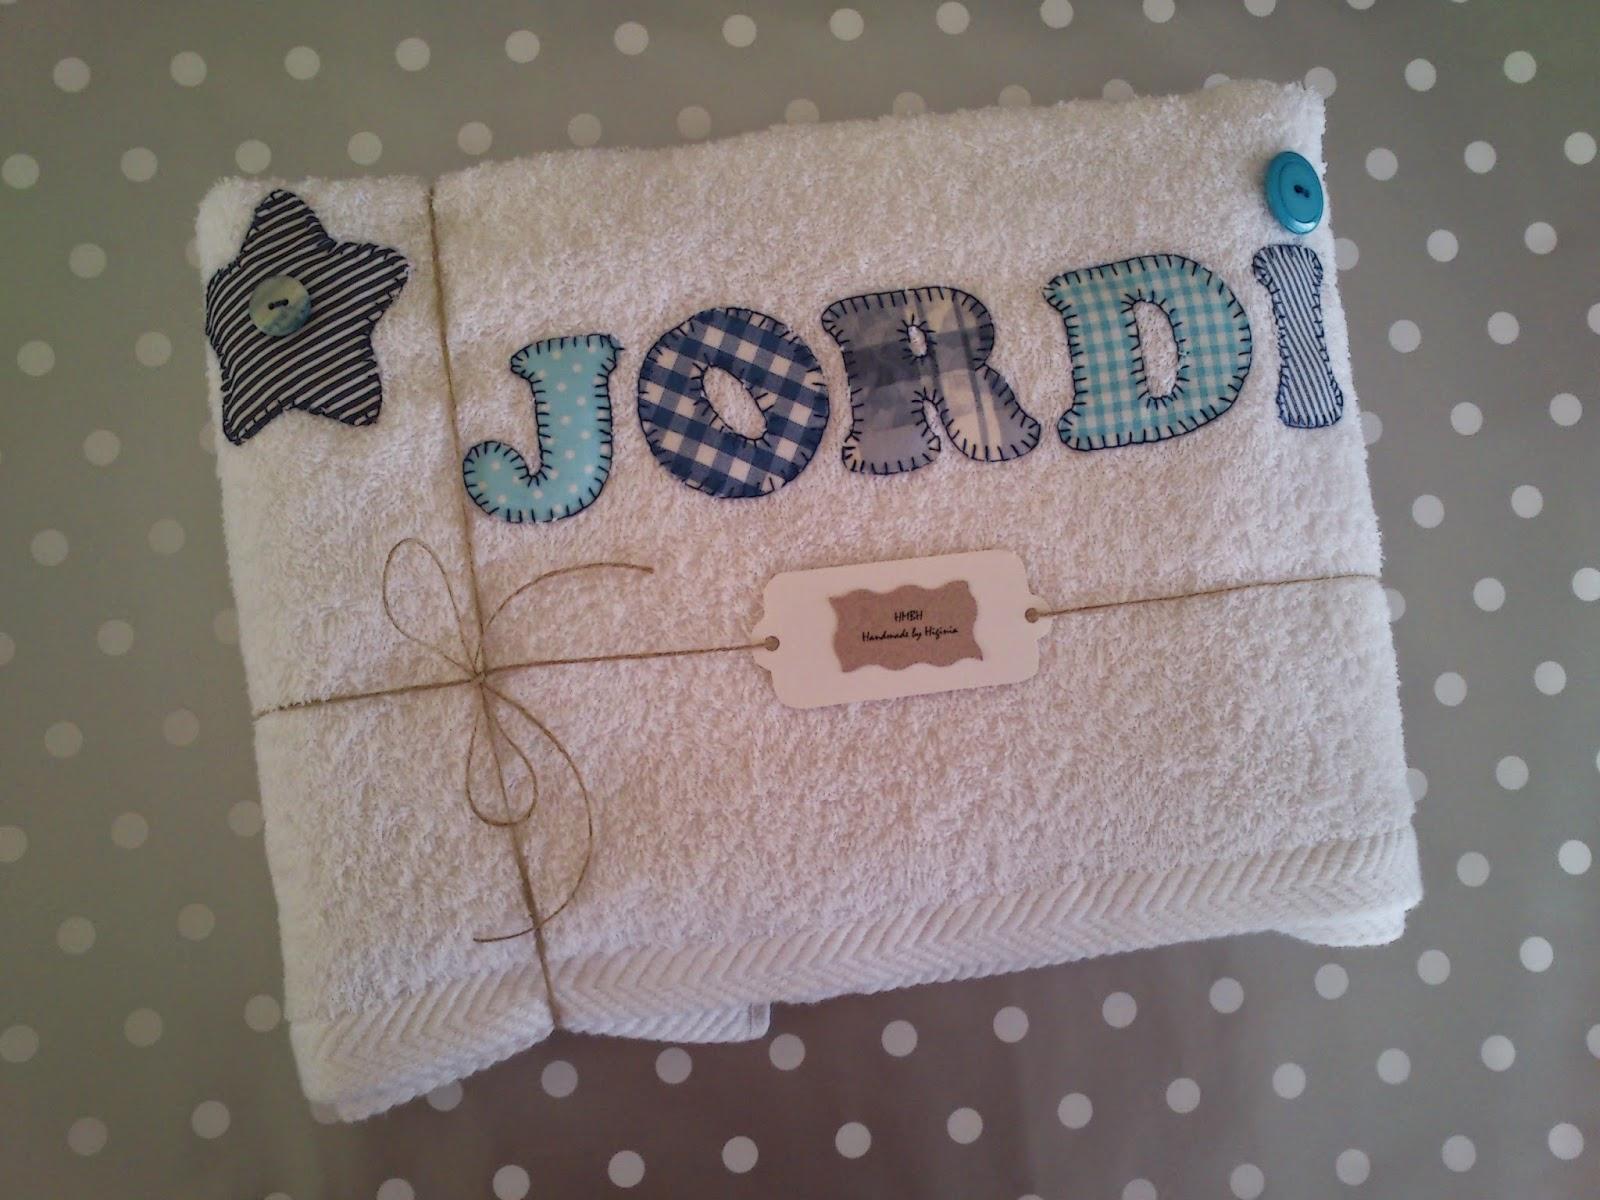 Handmade by higinia toallas personalizadas - Toallas infantiles personalizadas ...